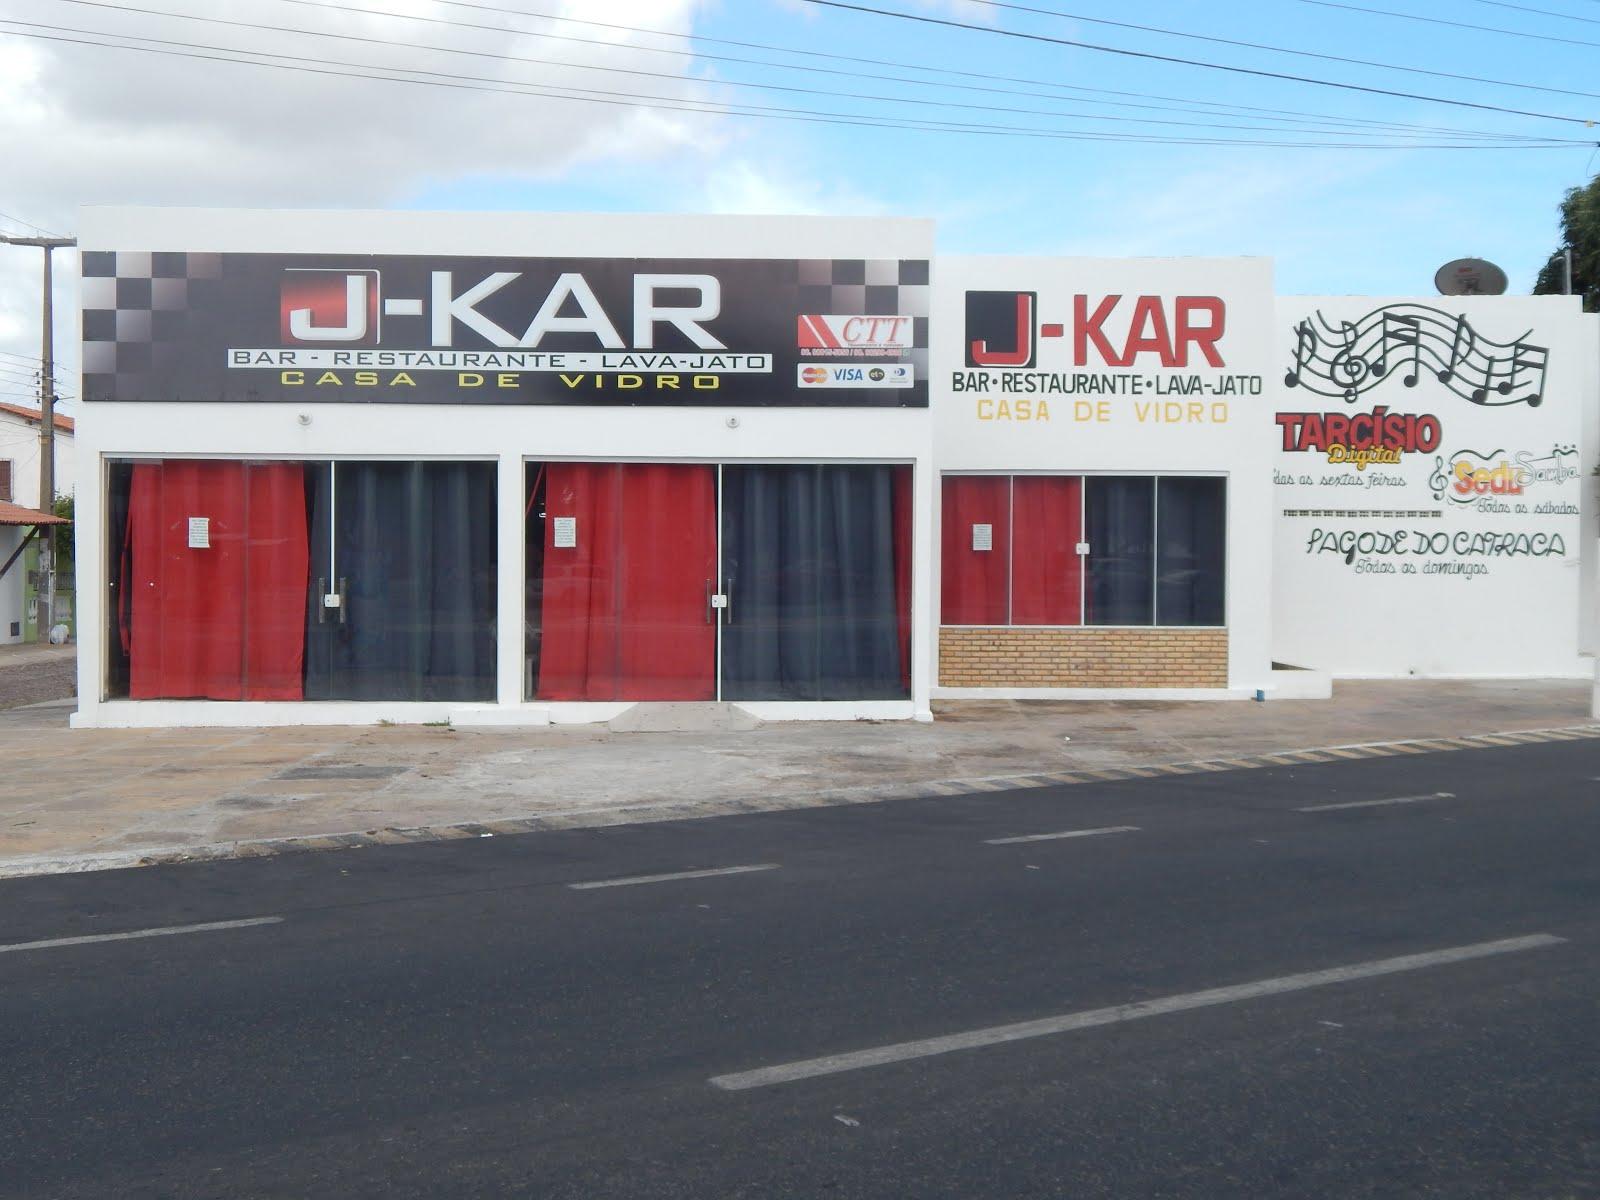 J-KAR BAR E RESTAURANTE